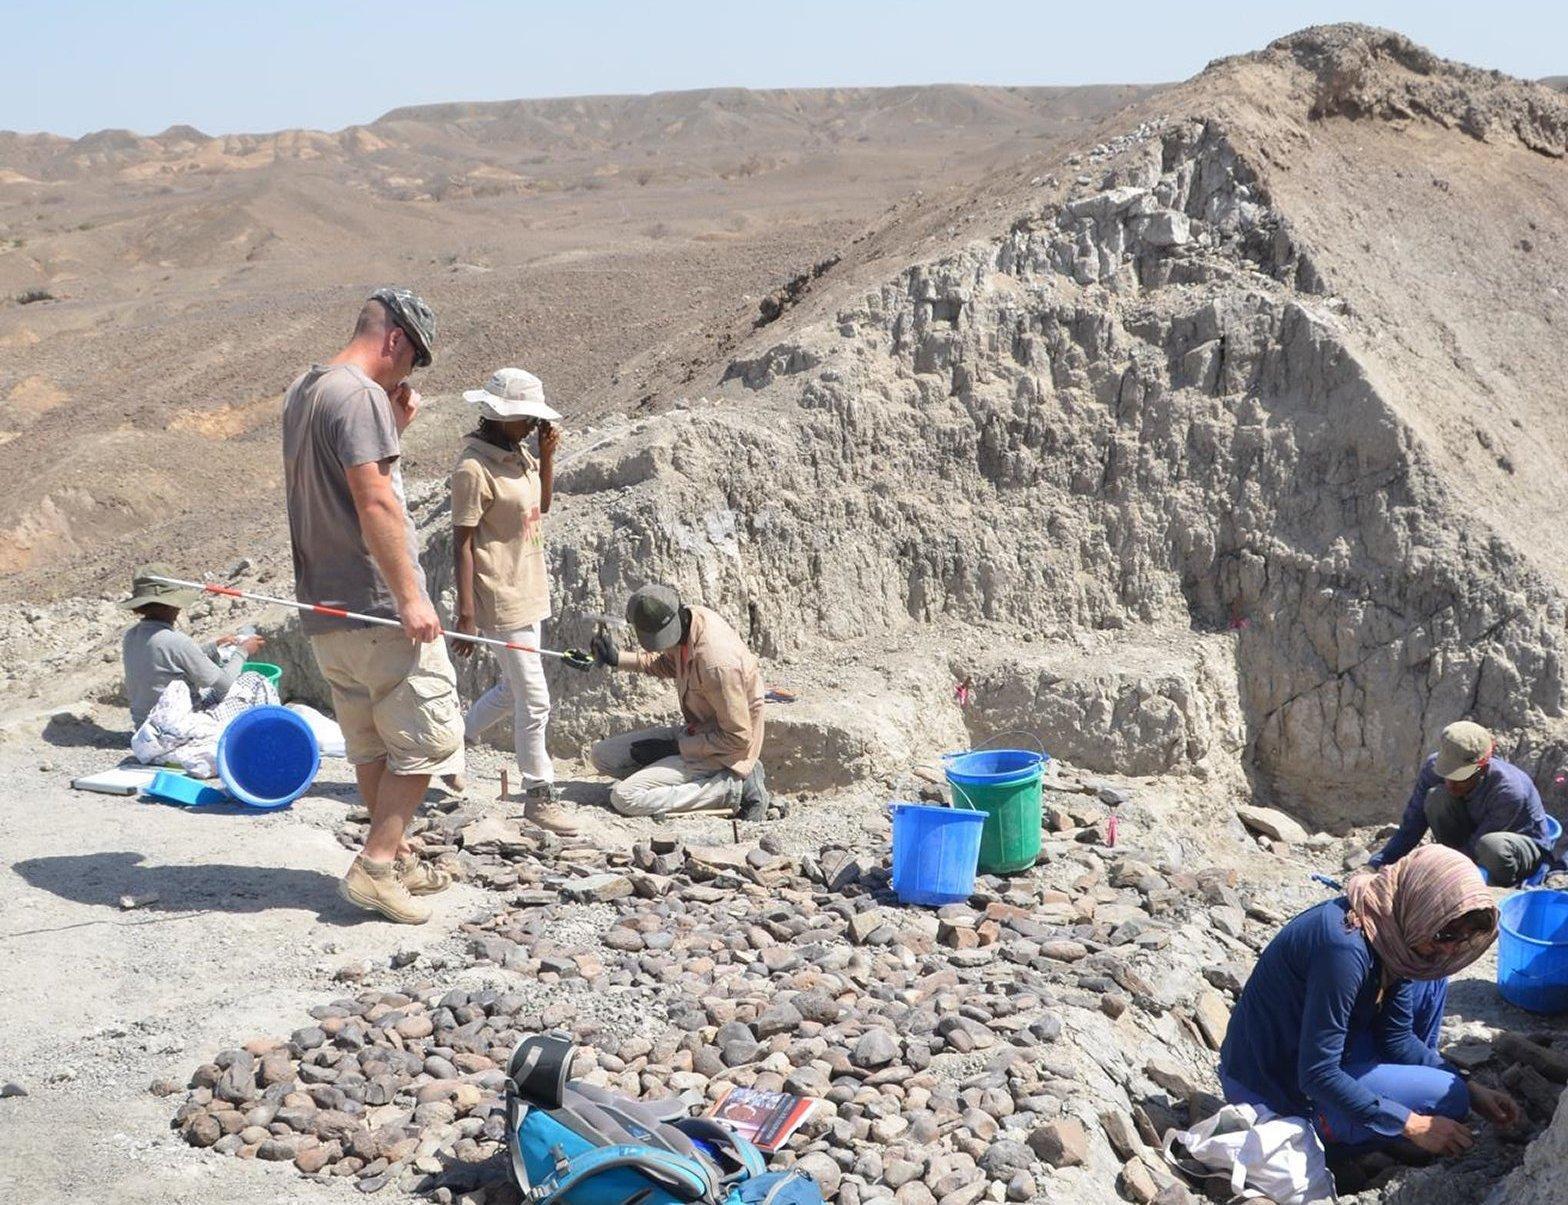 In der Wüste Äthiopiens, in der Ausgrabungsstätte Bokol Dora, suchen Mitarbeiter eines internationalen Forscherteams nach menschlichen Spuren. Im Sand der Sedimente entdeckten sie Hunderte von kleinen Steinabschlägen sowie fossile Tierknochen. Mit den Steinwerkzeugen zerlegten Frühmenschen einst ihre Beute, glauben die Wissenschaftler. Vor rund 2,6Millionen lag hier das Ufer eines Gewässers.